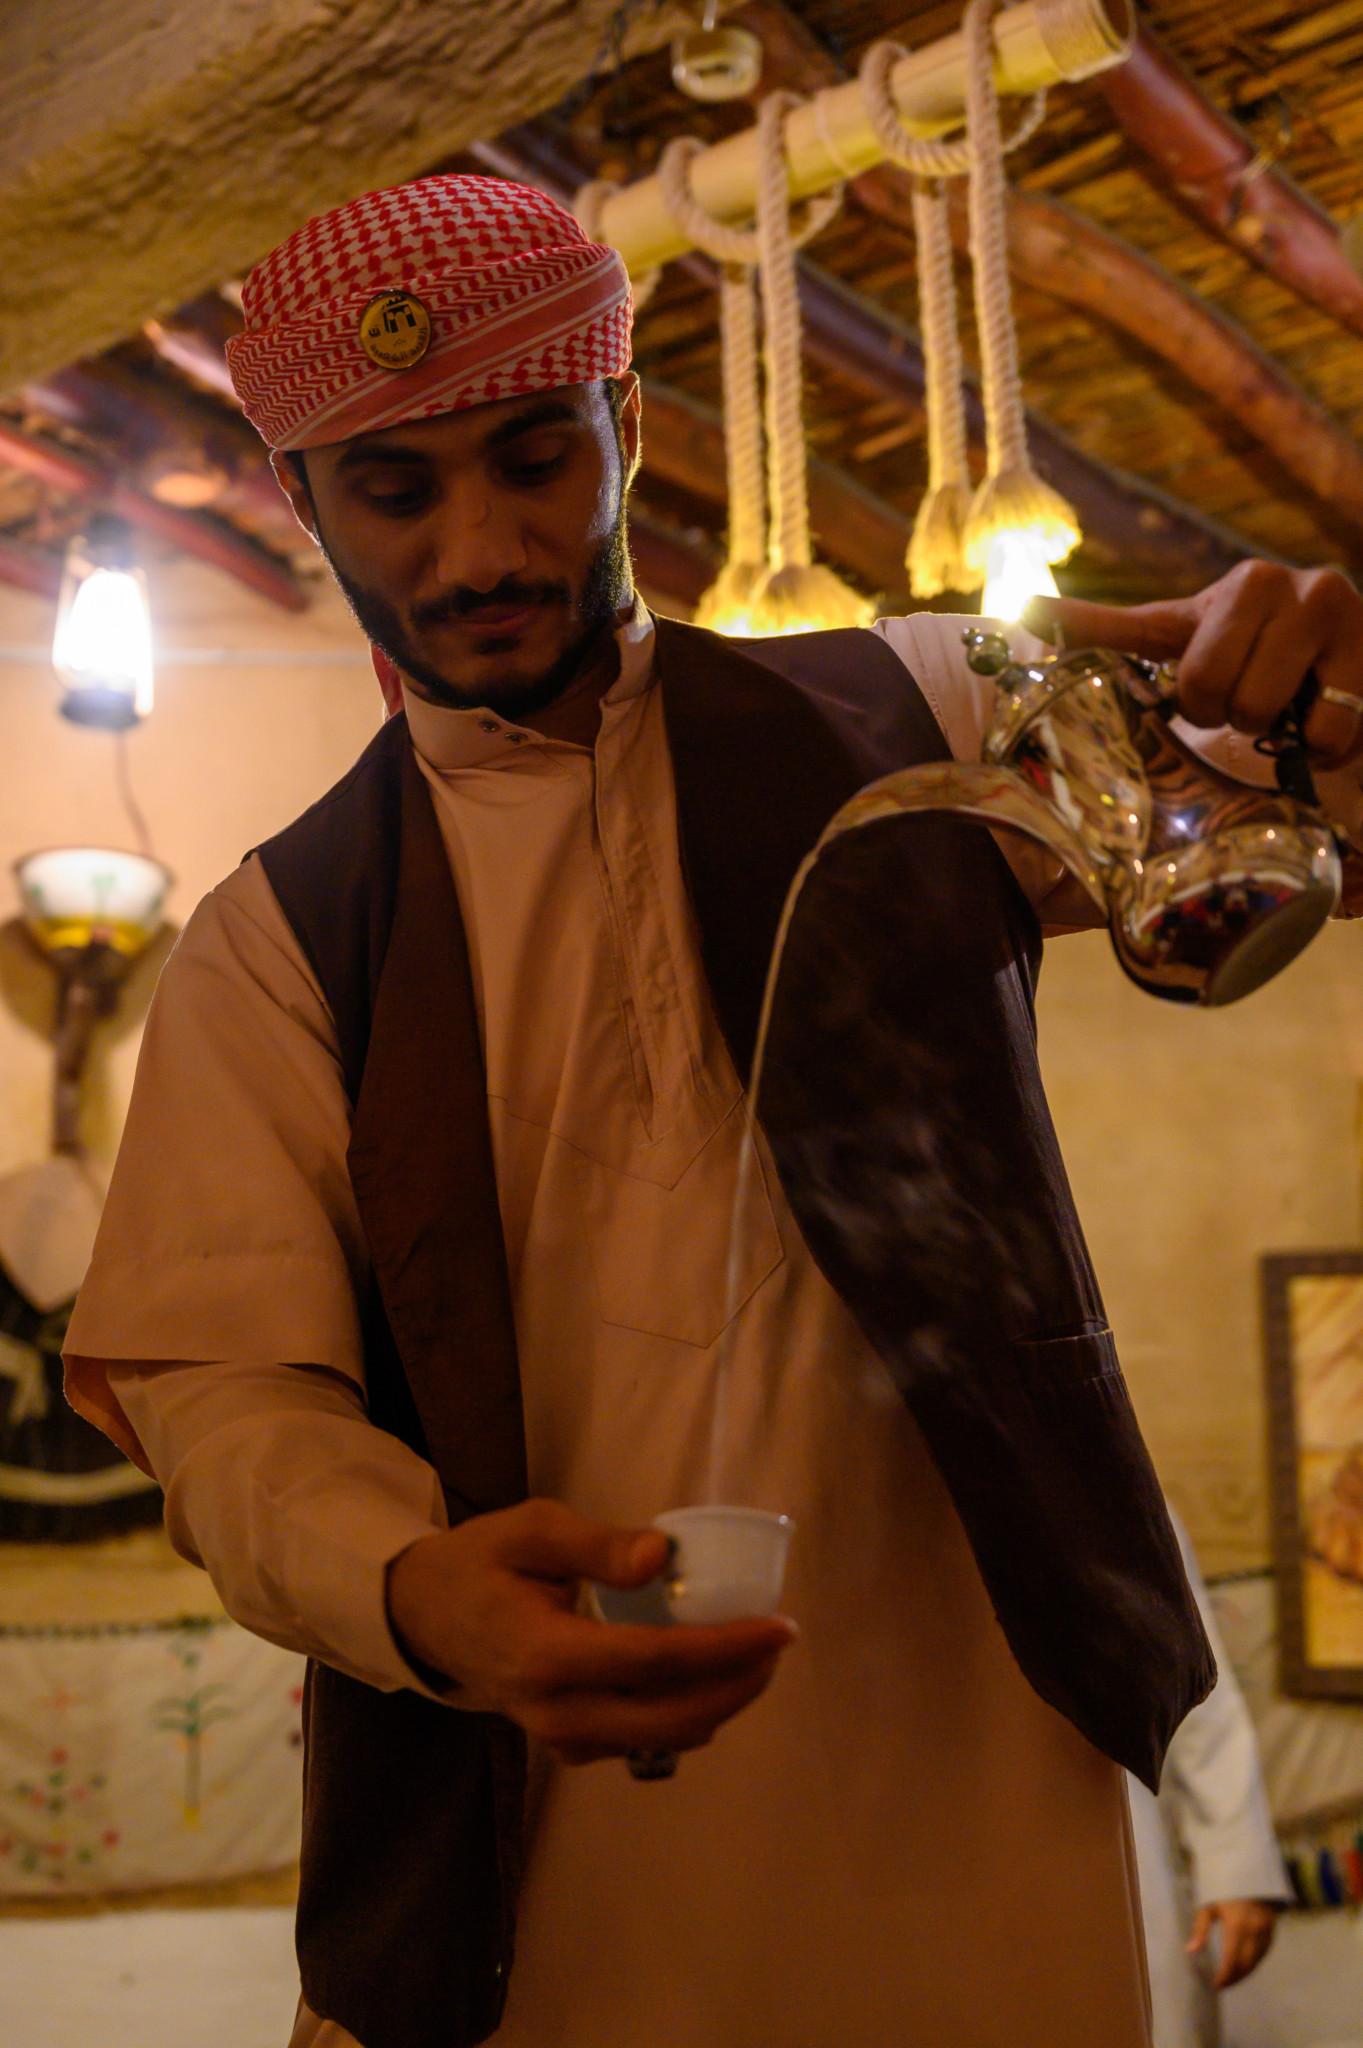 Kaffee gehört zur Tradition in Saudi-Arabien dazu